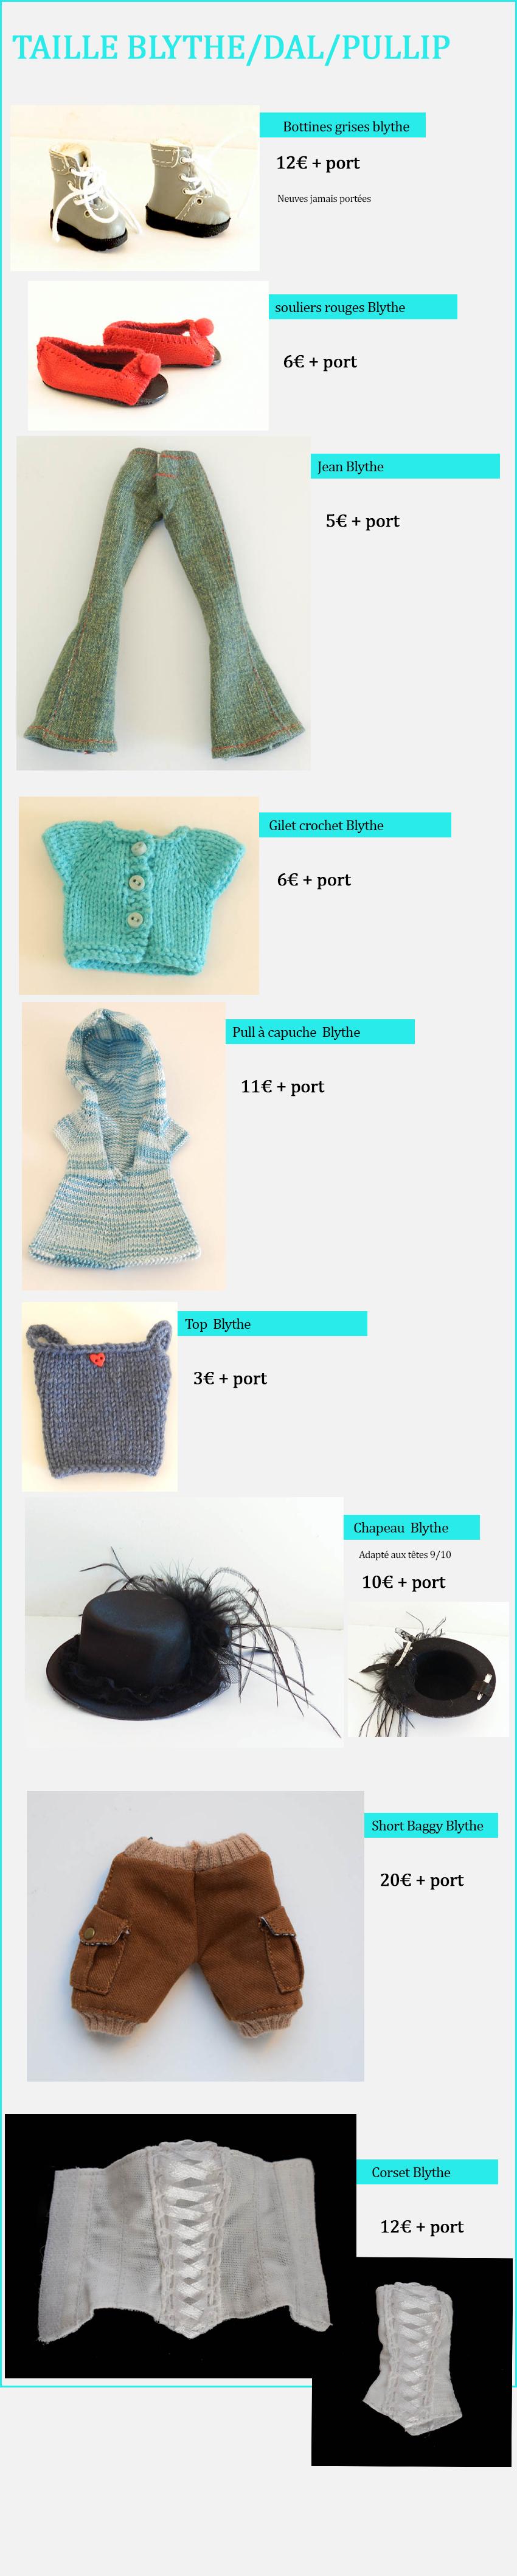 [vends] : News !! Vêtements&chaussures de pullip à 60cm 50997318741_0d5c9068b0_o